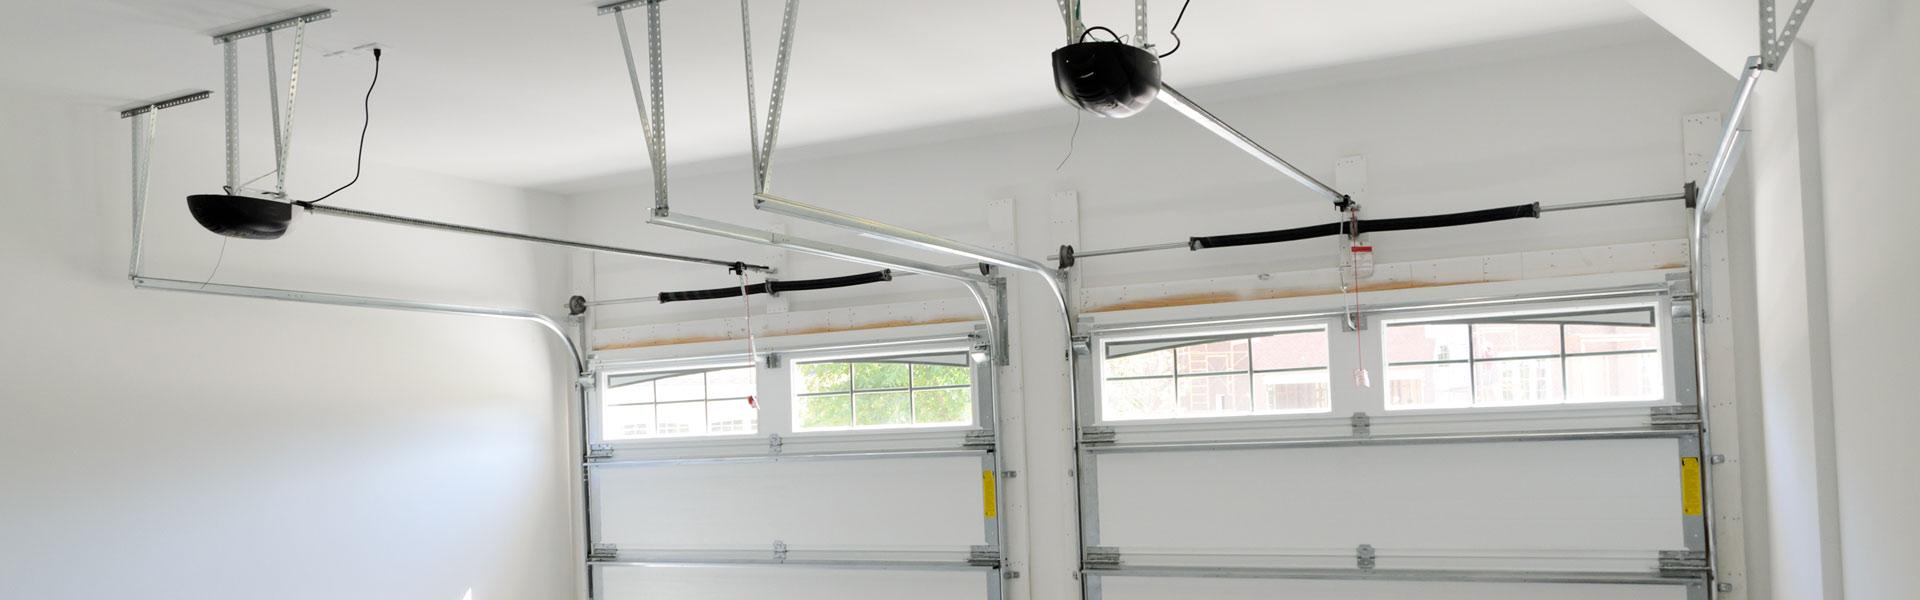 New garage door motors and openers in las vegas nv for New garage door motors